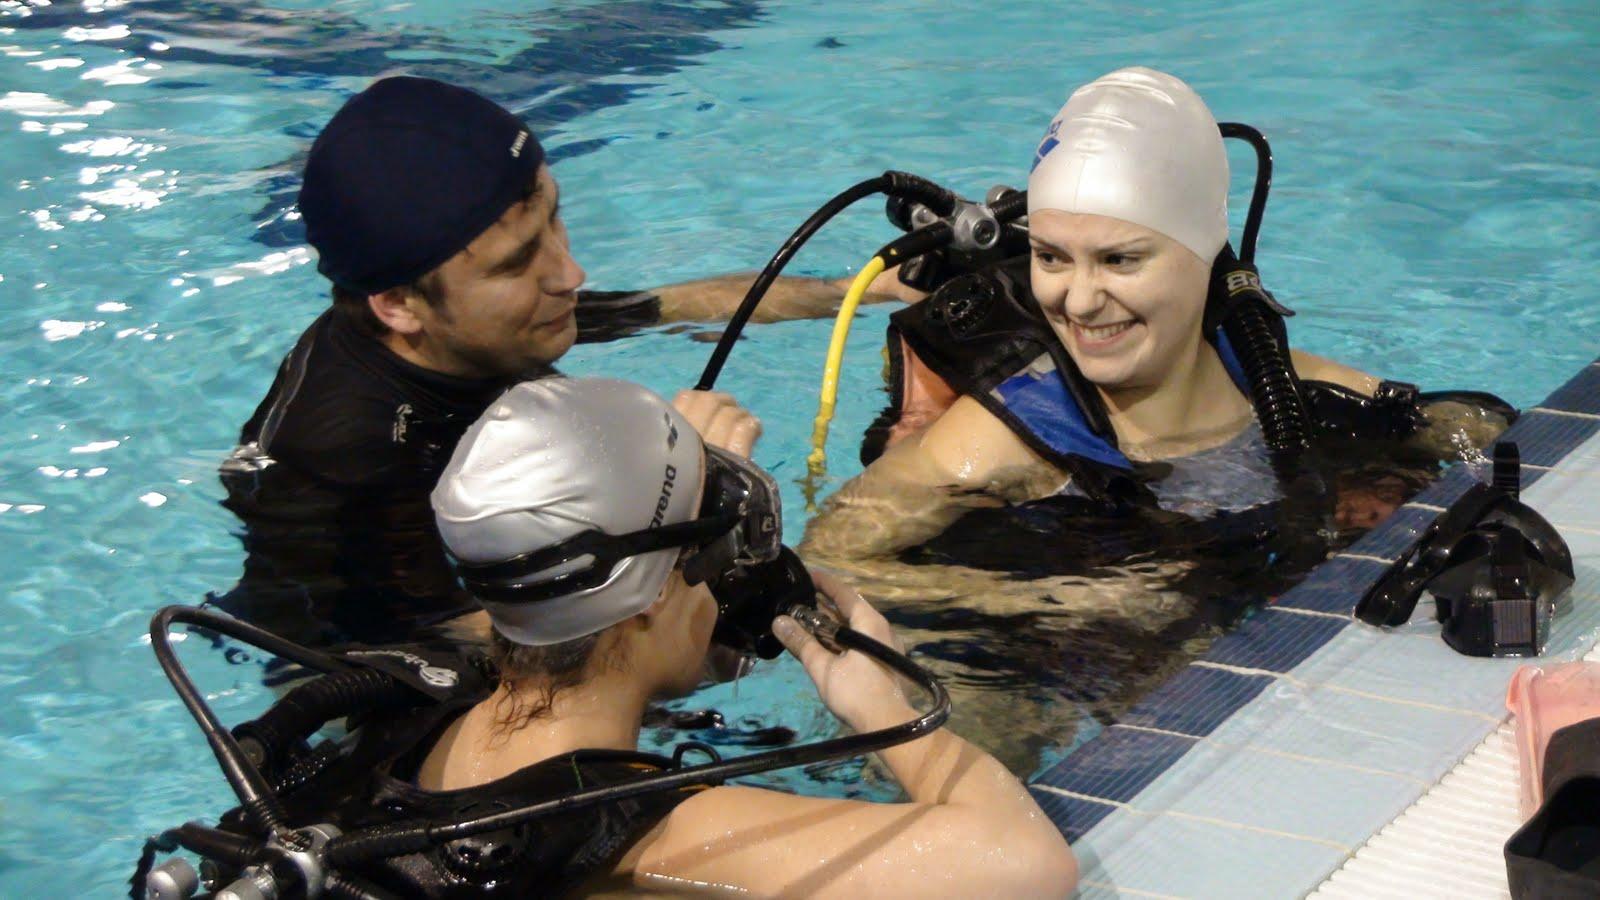 Bomberos en acci n nadadores solidarios for Piscina la almudena